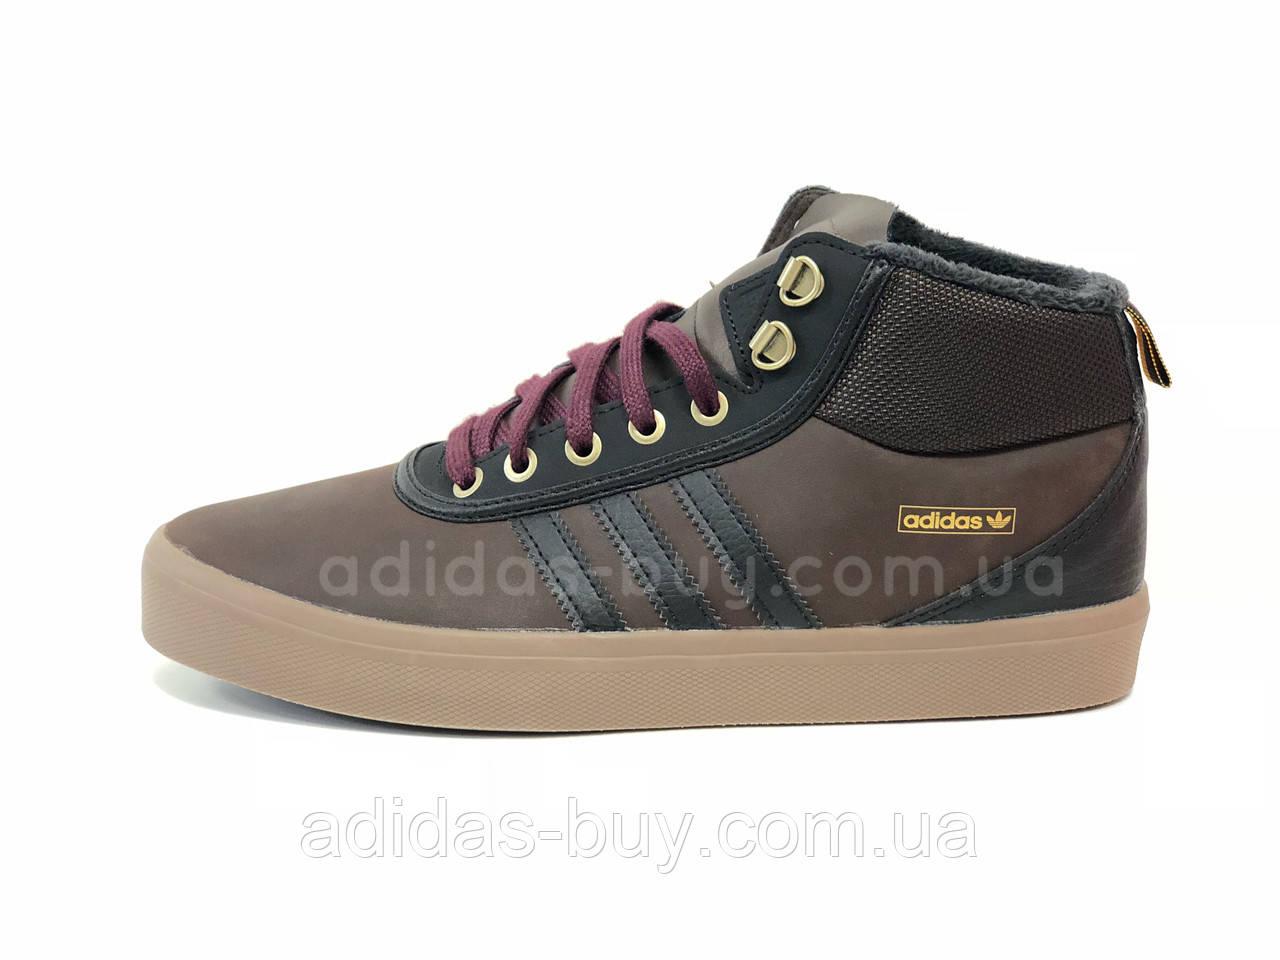 Мужские оригинальные зимние ботинки ADIDAS ADI-TREK B27512  2 100 ... ca429596fadfe